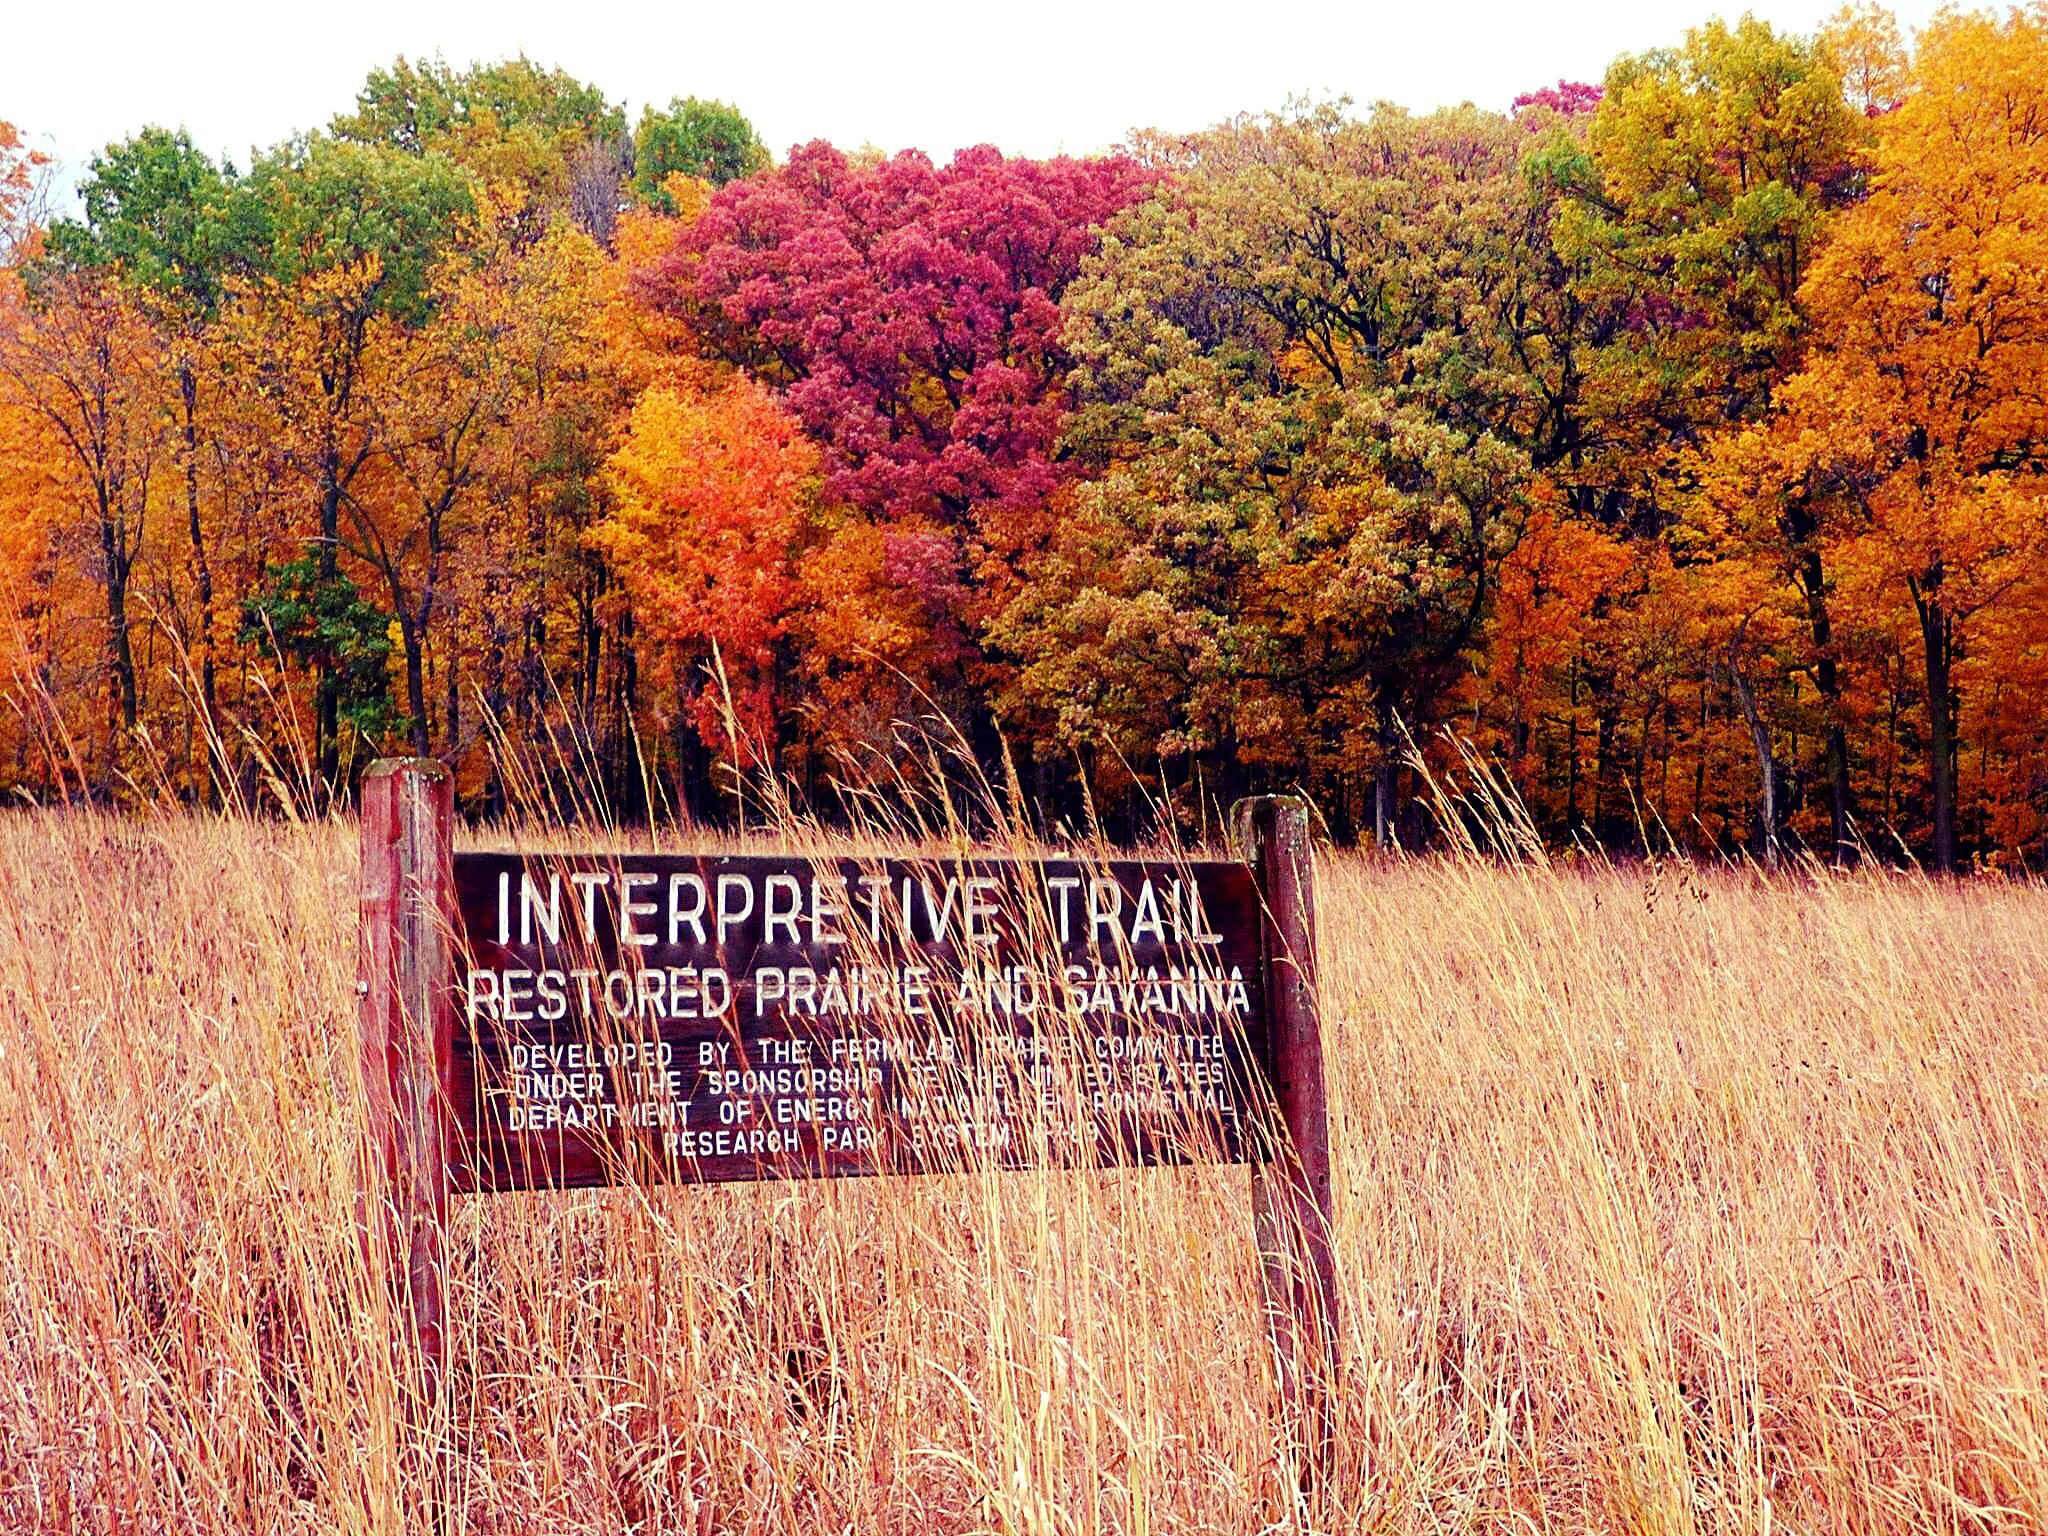 Colors take over the Interpretive Trail. Photo: Amy Scroggins, Abri Credit Union